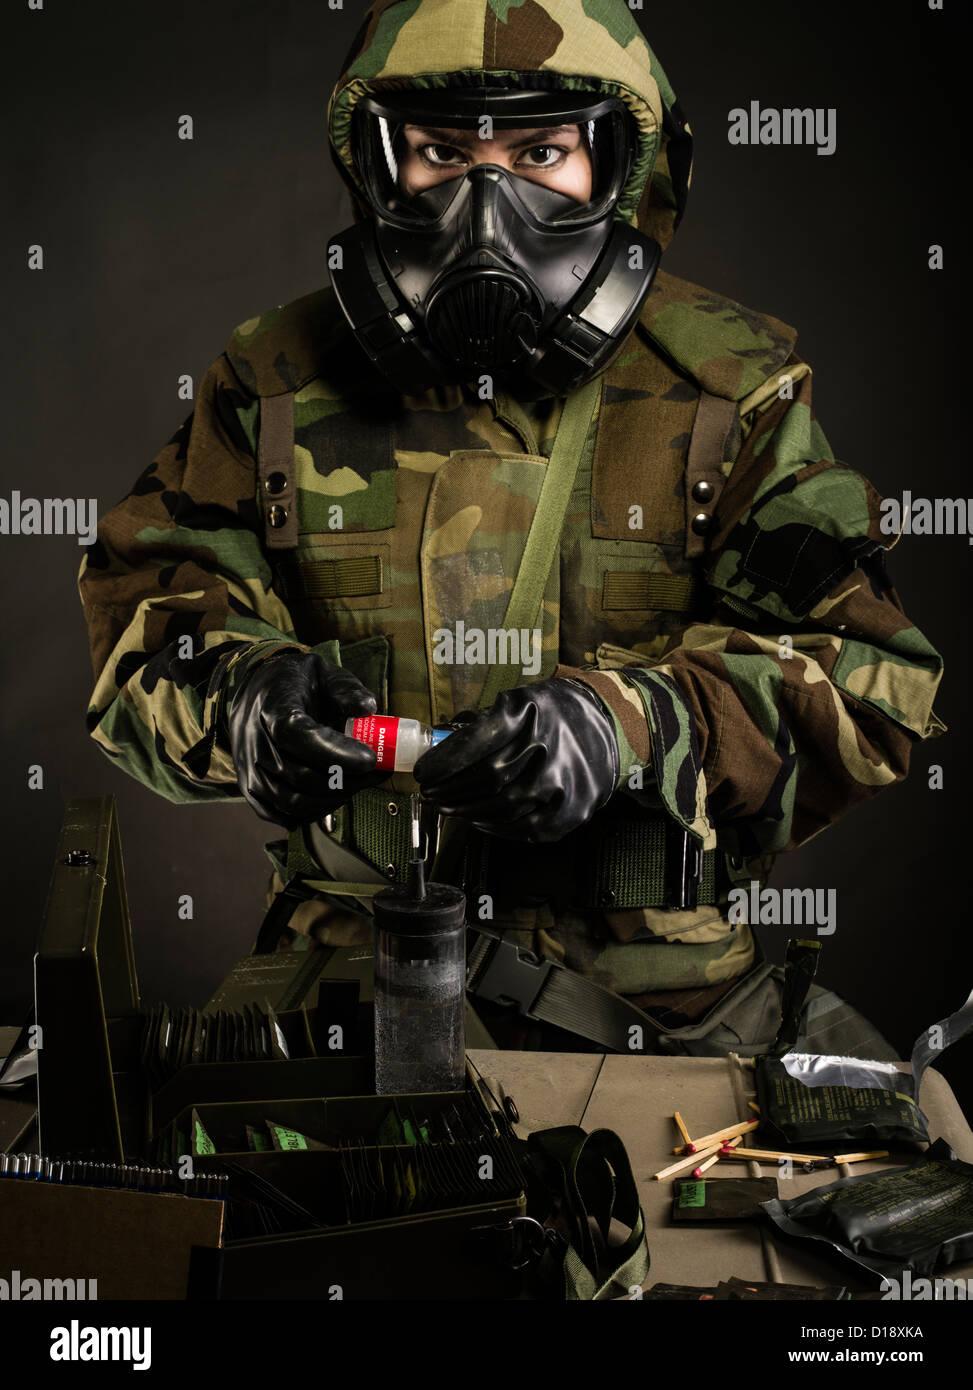 US Marine en MOPP Gear Inc. utiliza la máscara de gas M272 Kit de Análisis de agua agentes químicos Imagen De Stock